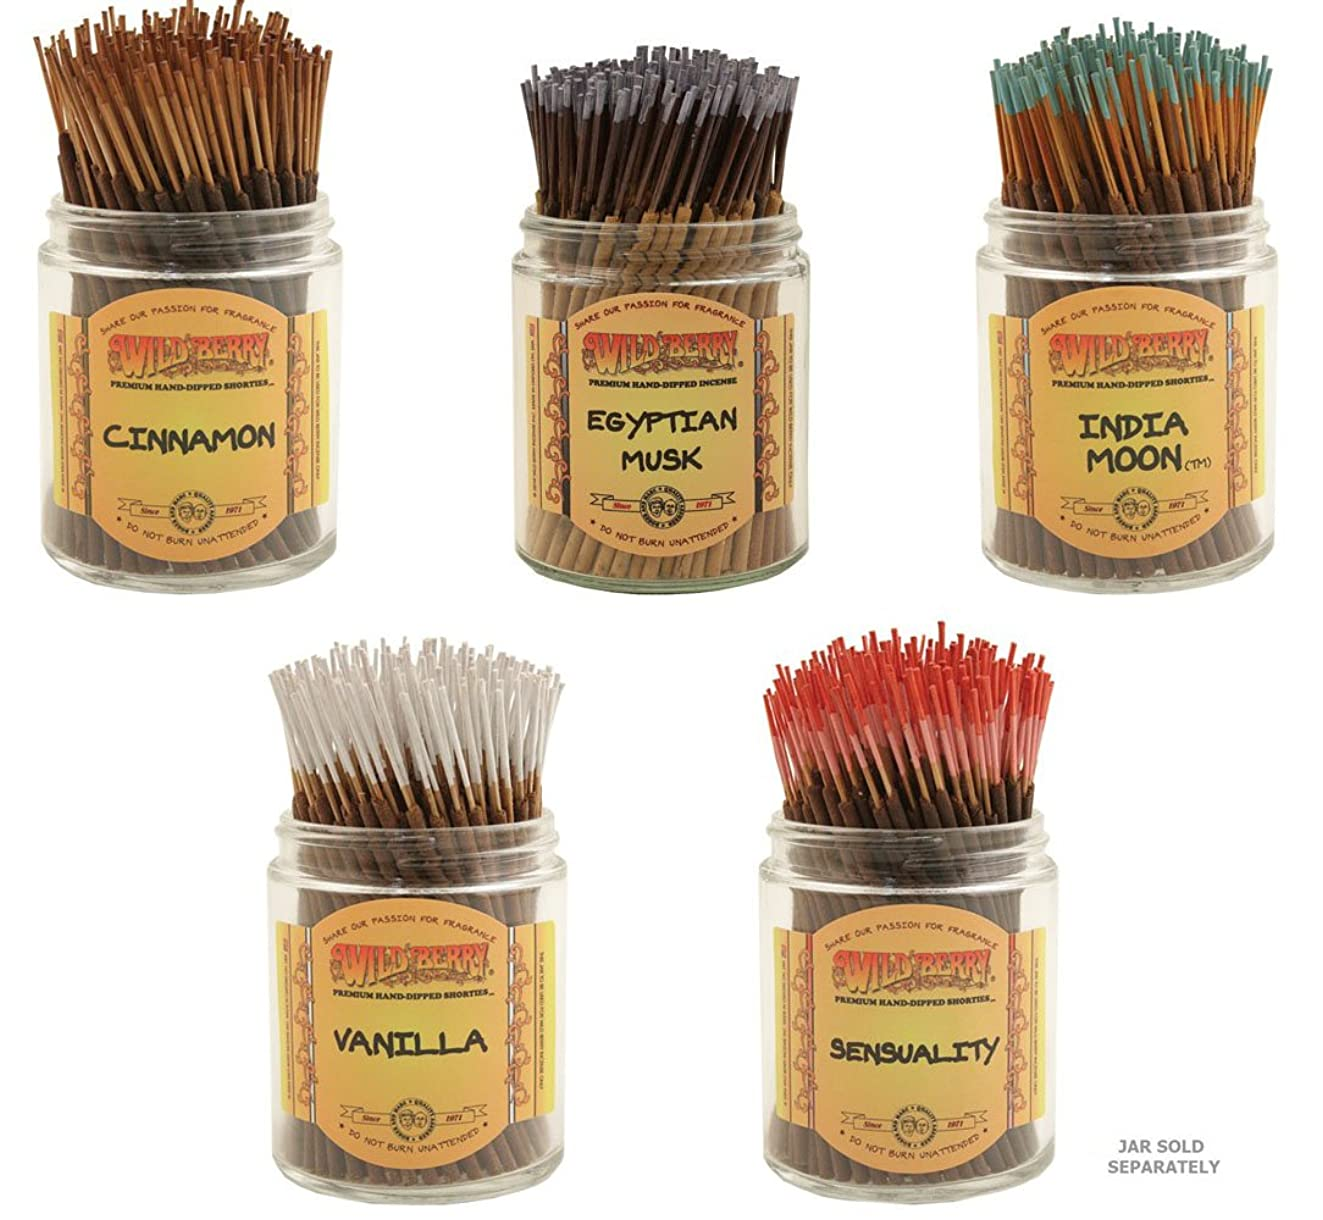 メーター心臓よく話されるWildberry Short Incense Sticks?–?Set of 5秋Fragrances?–?シナモン、エジプトムスク、インドMoon、Sensuality、バニラ(100各パック、合計500?Sticks)